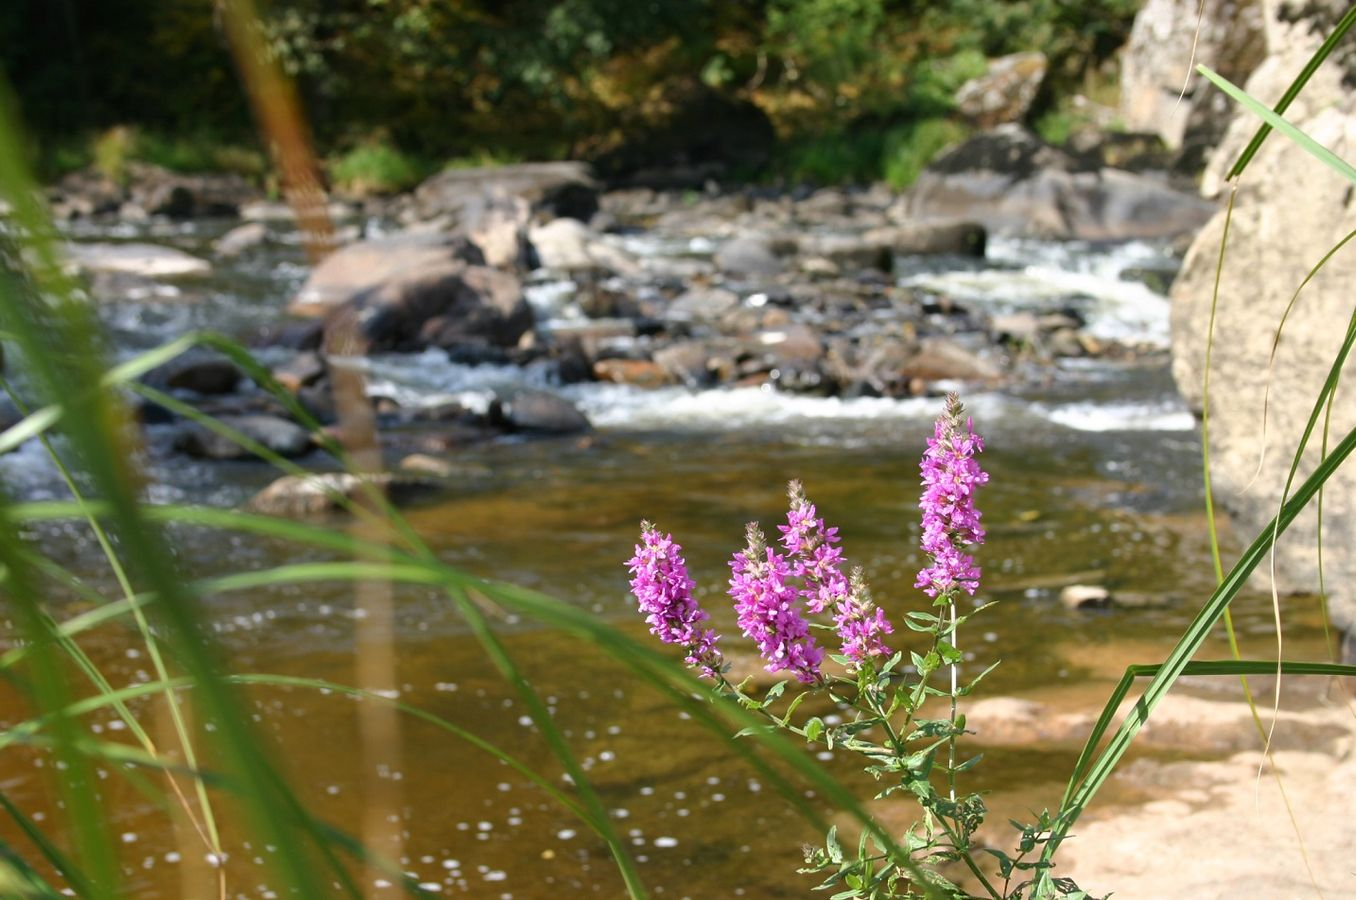 Micropolluants : préserver la ressource en eau, du milieu naturel au consommateur